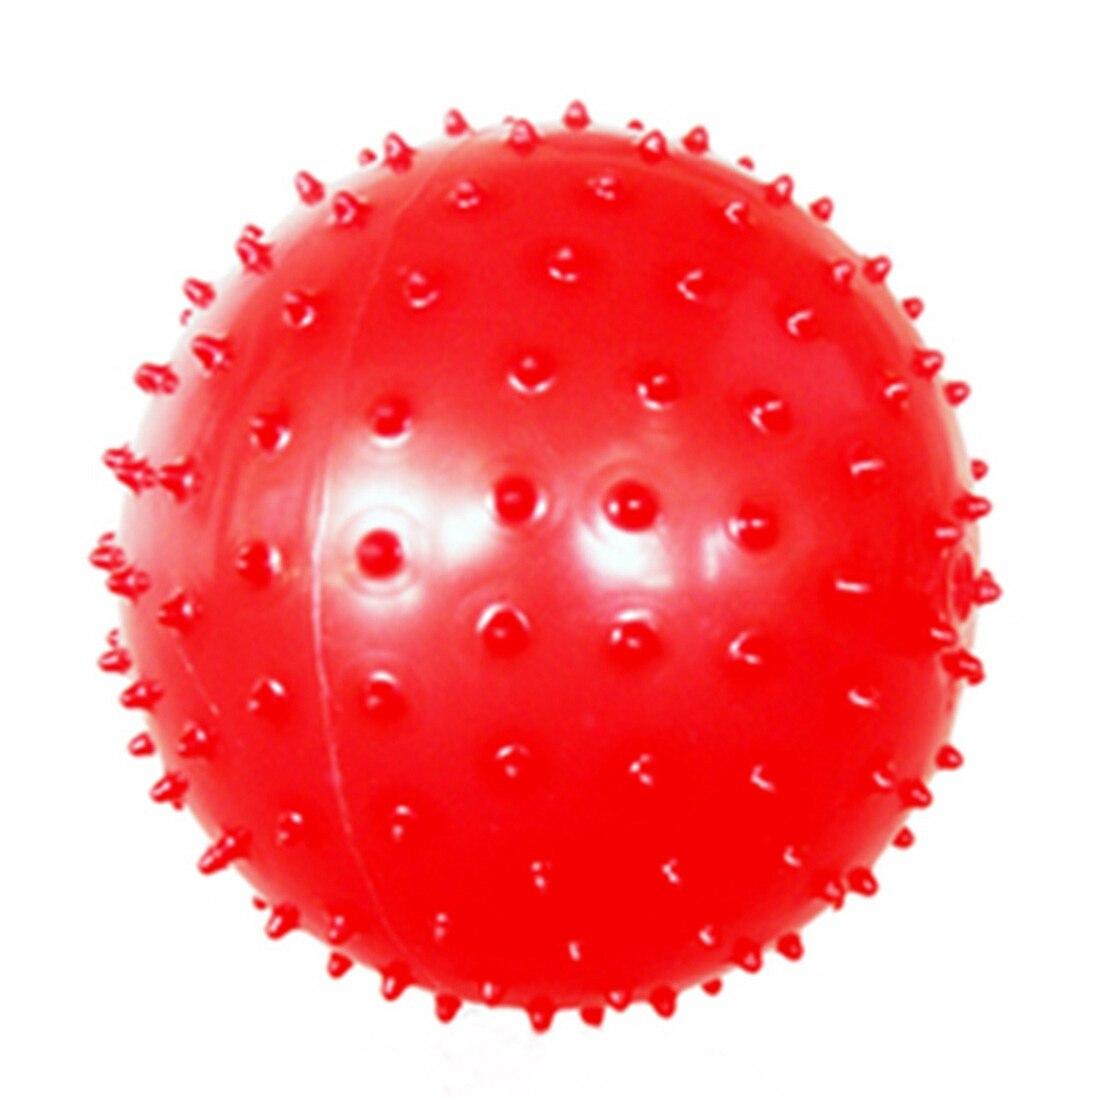 Утолщенной 23 см массаж мяч пляжный Бассейны надувной мяч Дети игрушка в подарок Пластик арбуз шары бассейн Интимные аксессуары